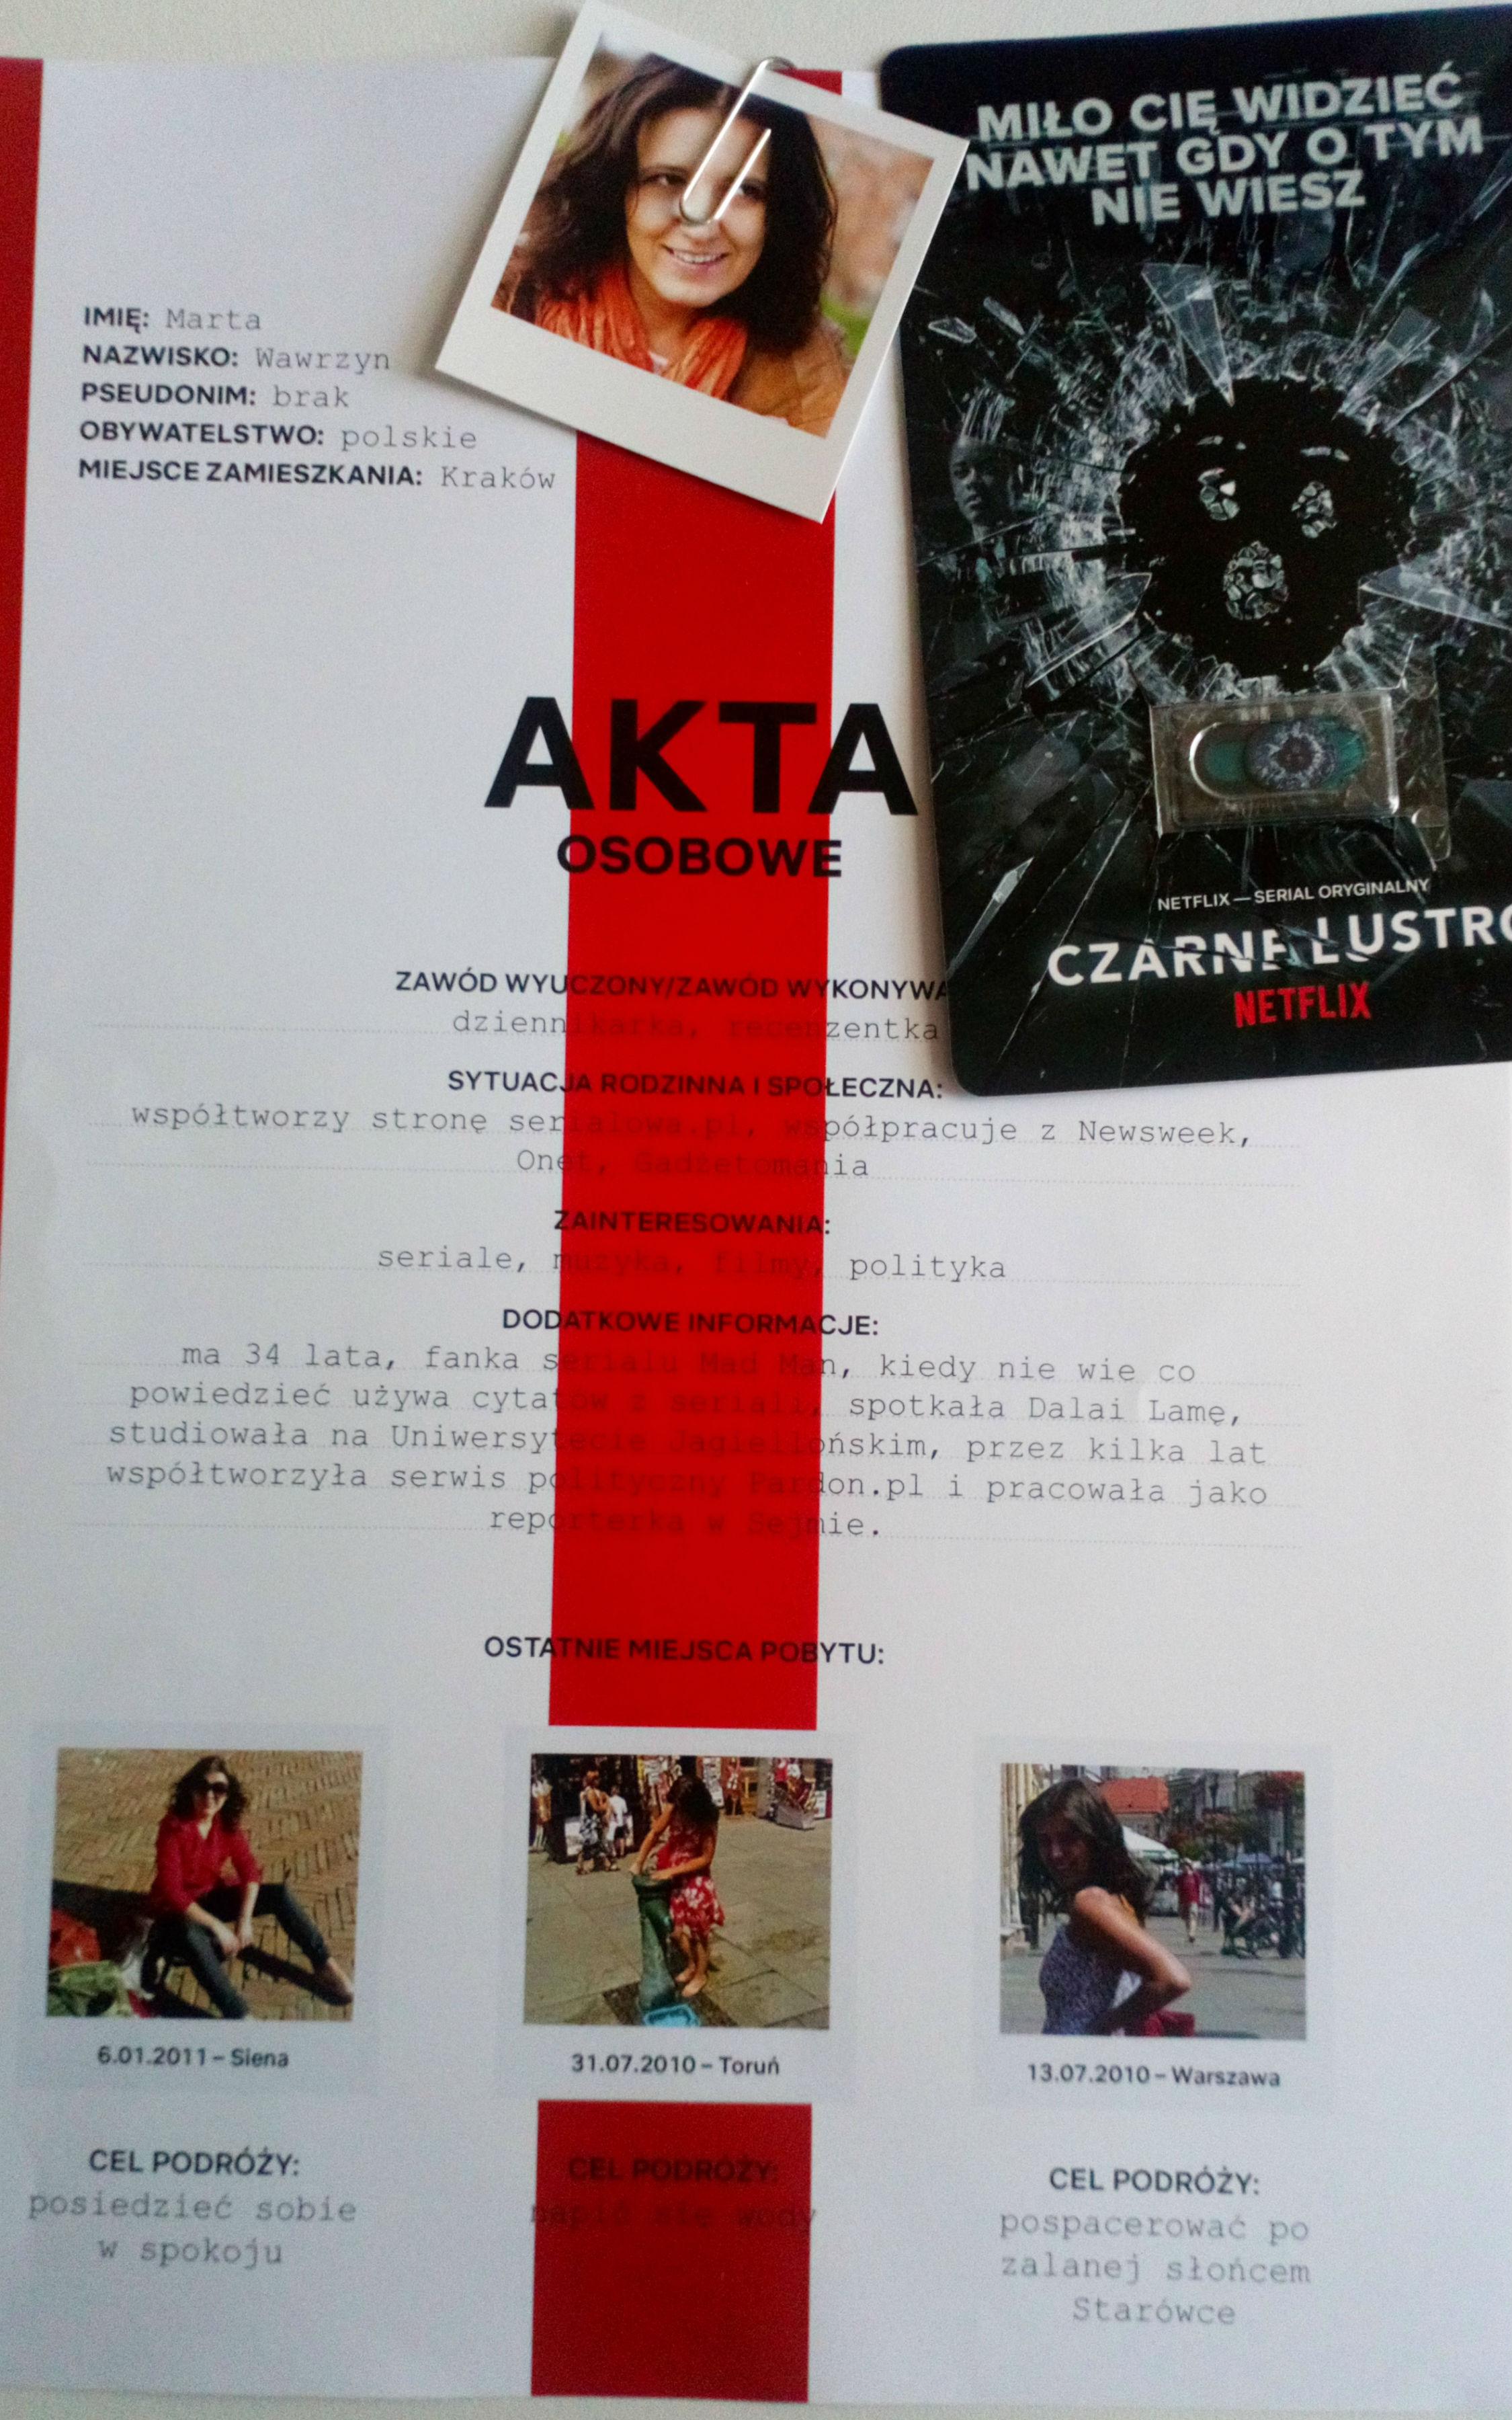 netflix-akta